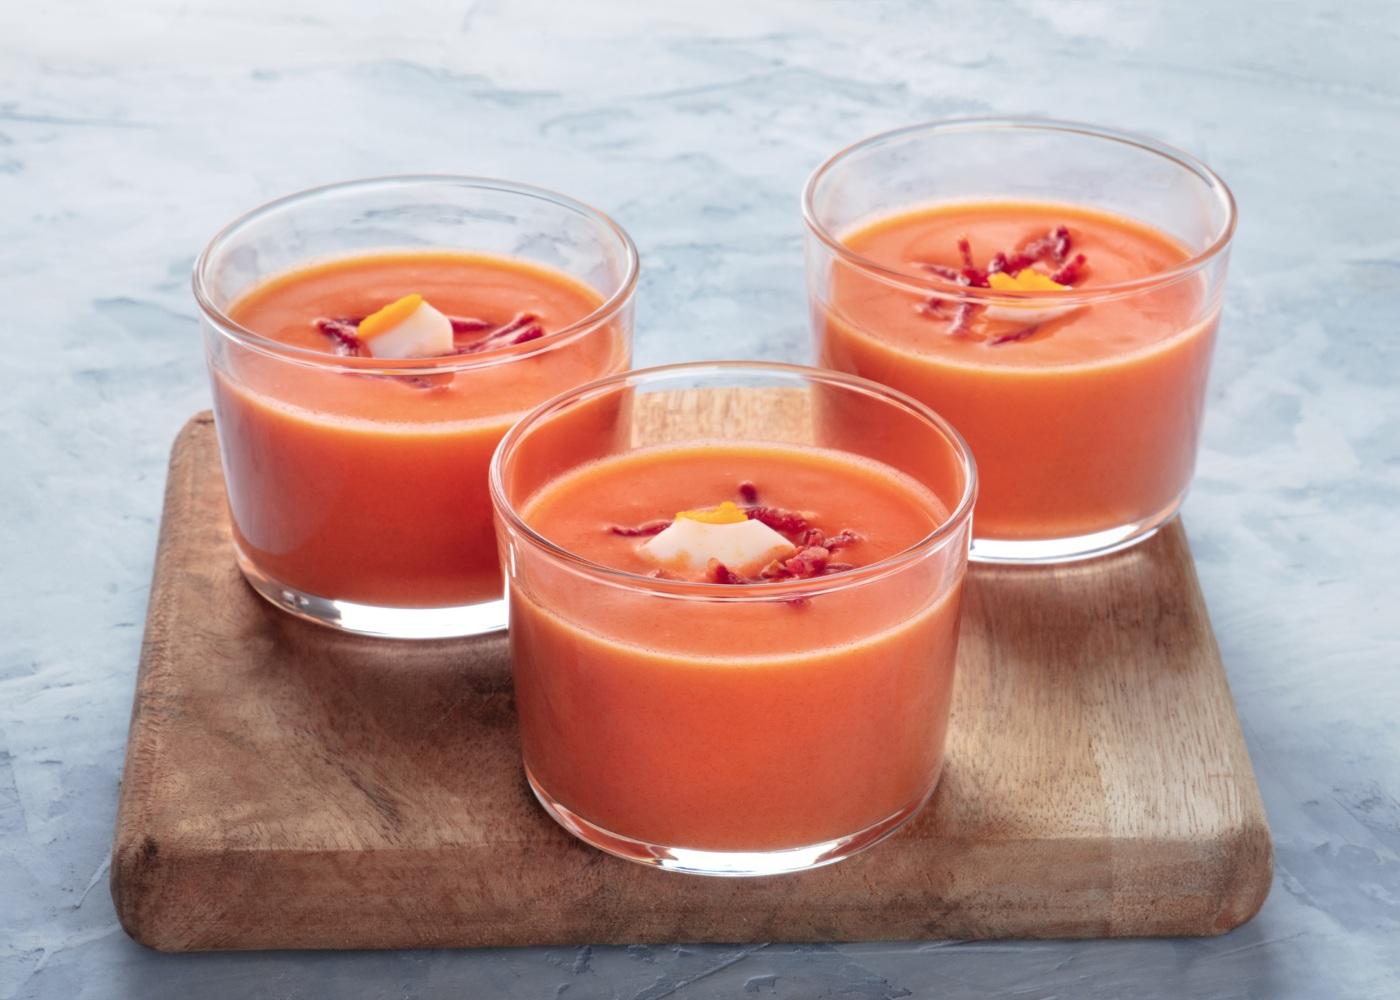 sopa de tomate com ovos escalfados